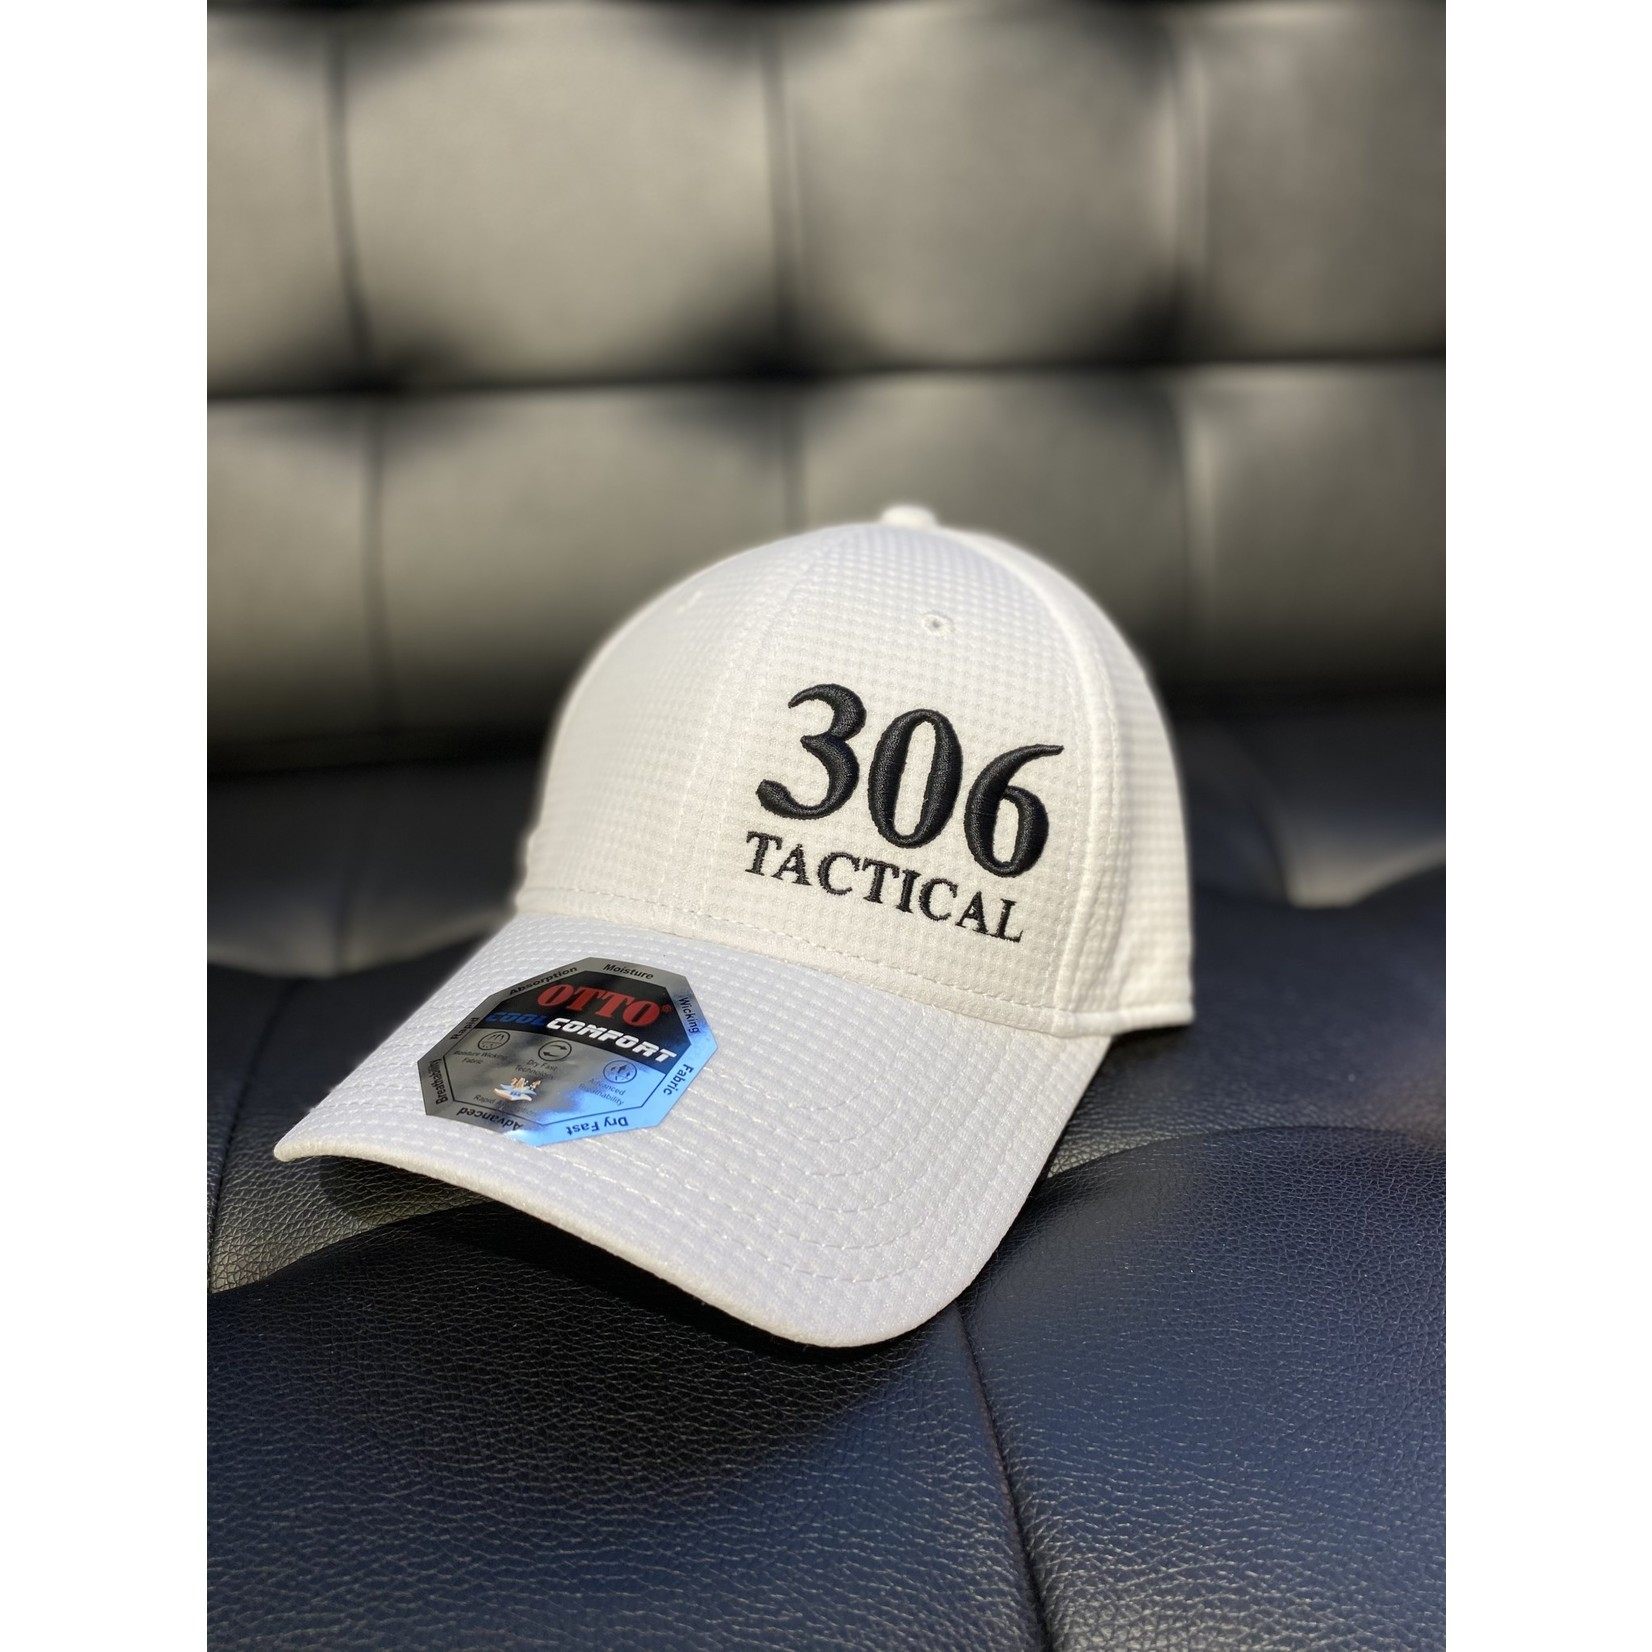 306 Tactical 306 Tactical Hats